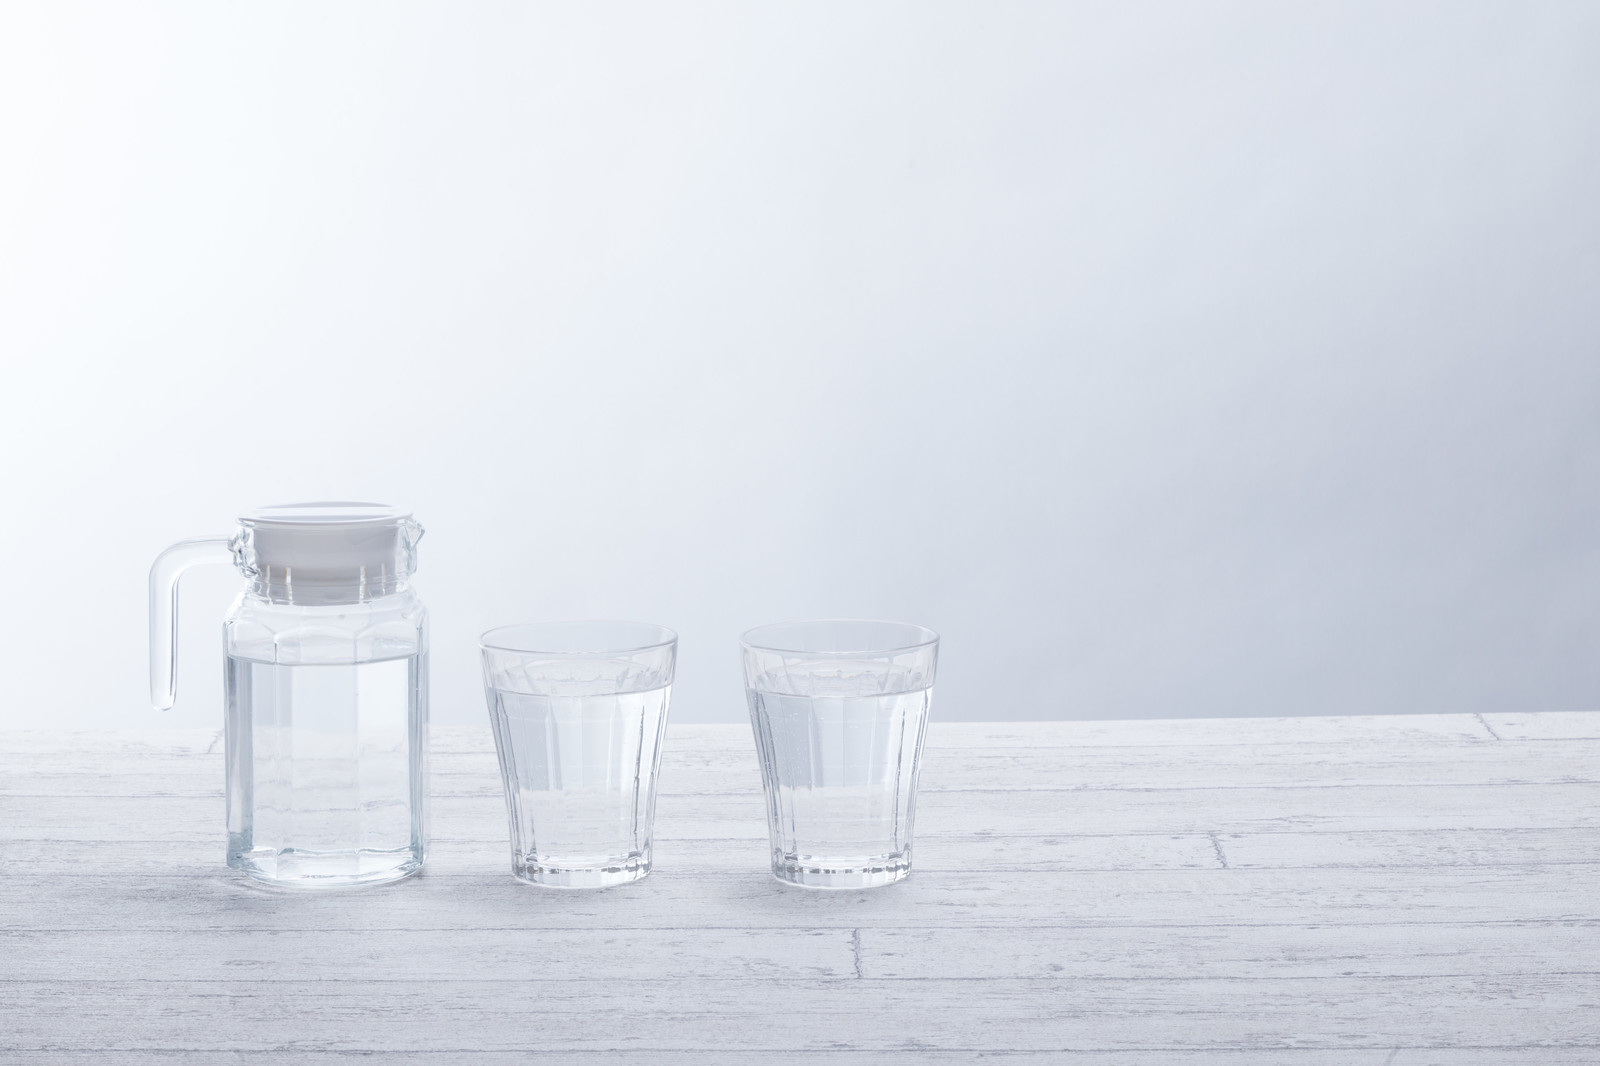 「テーブル上のグラスとポット」の写真